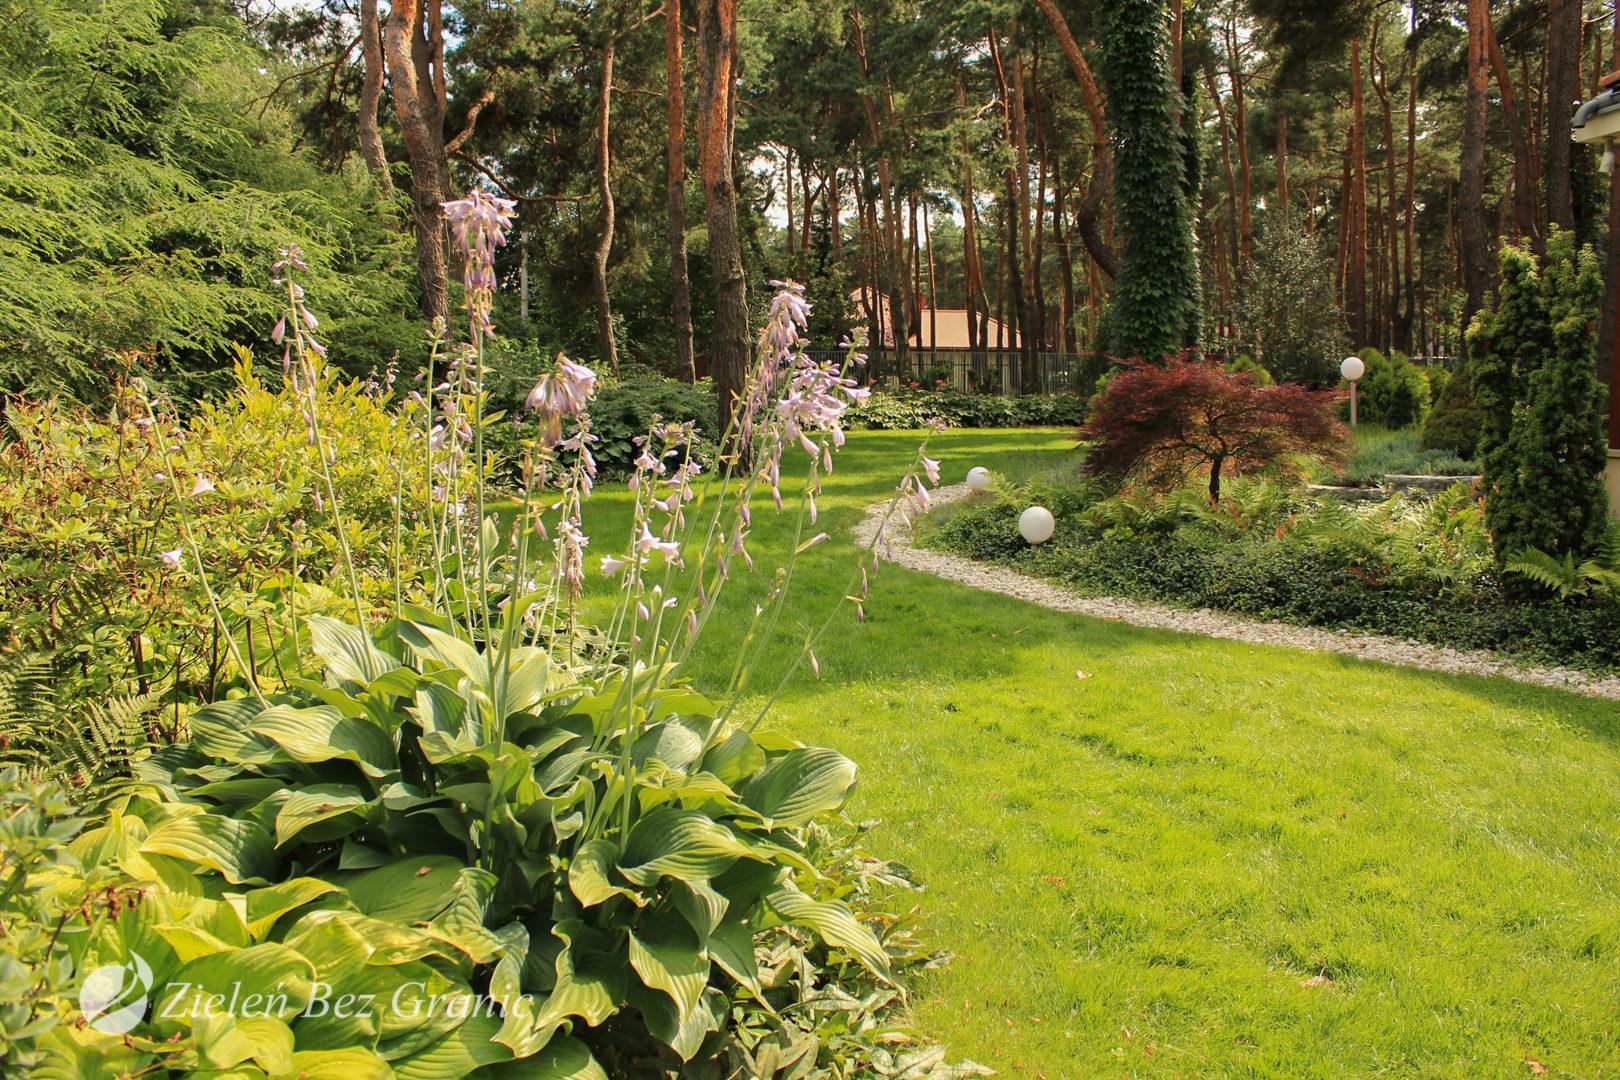 Ogród obfituje w różnokolorowe funkie.